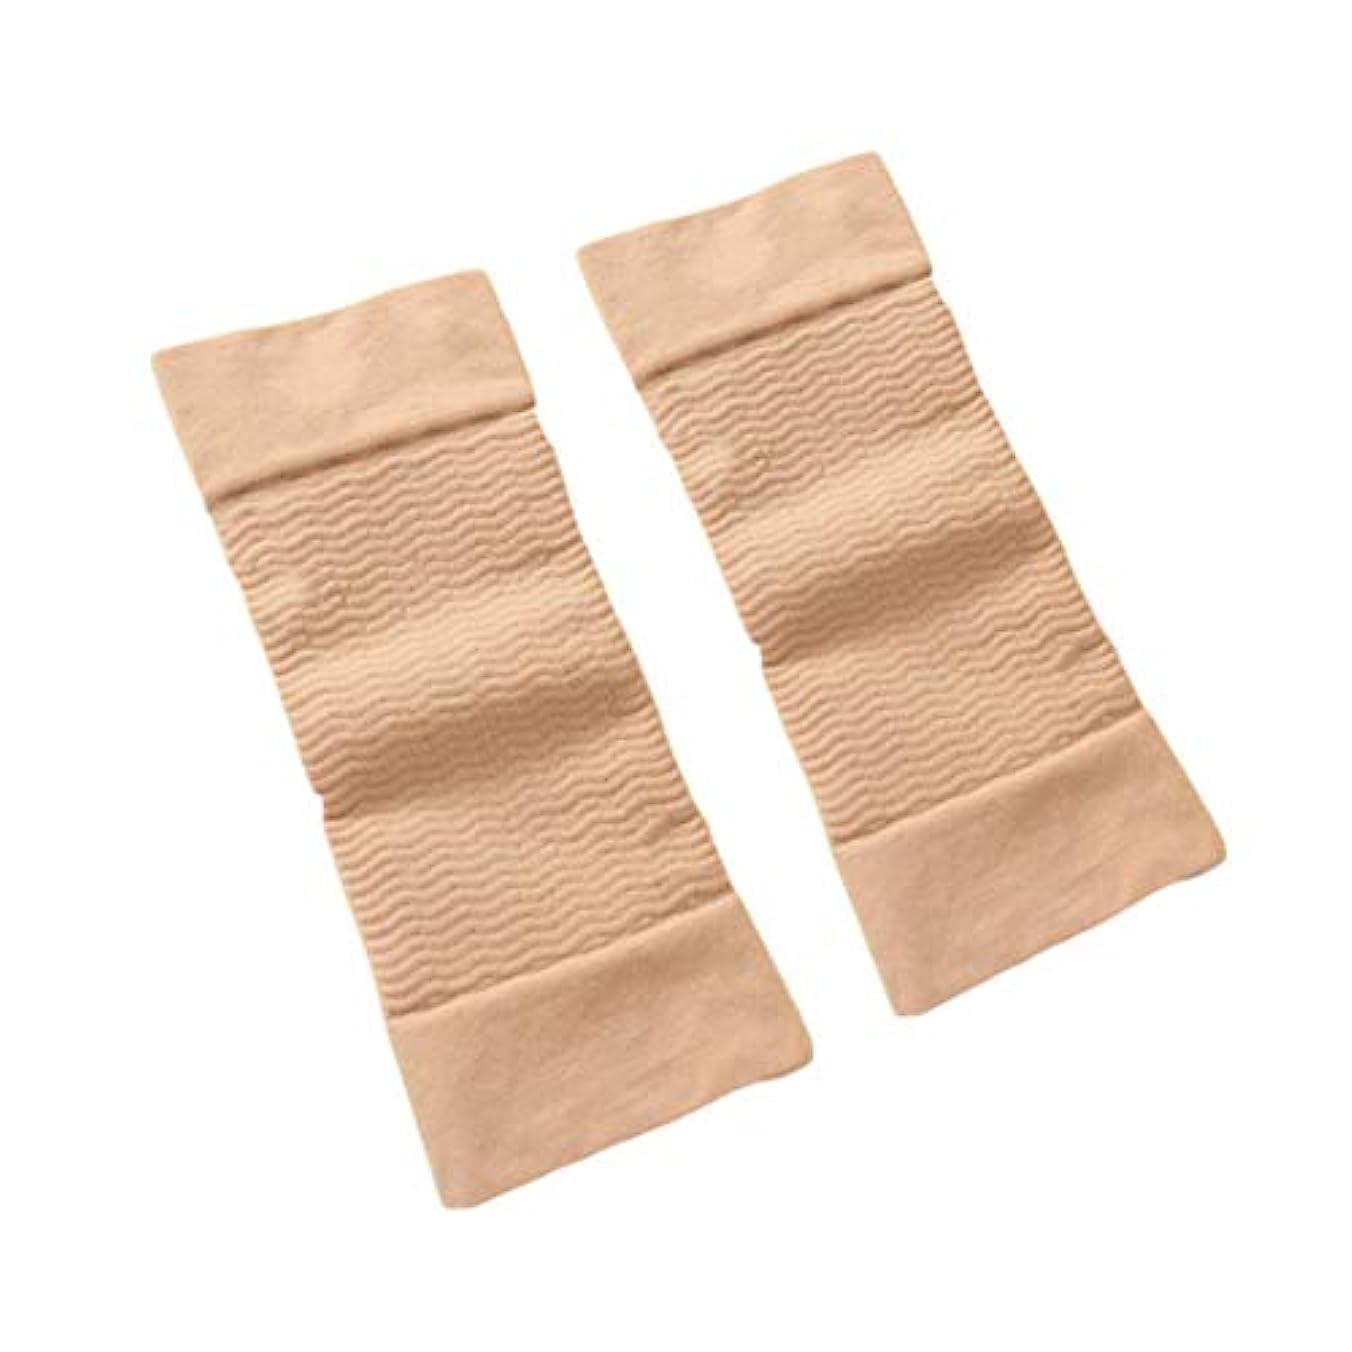 鼻ブレンドシャッター1組420D圧縮Slim身アームスリーブワークアウトトーニングバーンセルライトシェイパー脂肪燃焼スリーブ女性用(肌色)